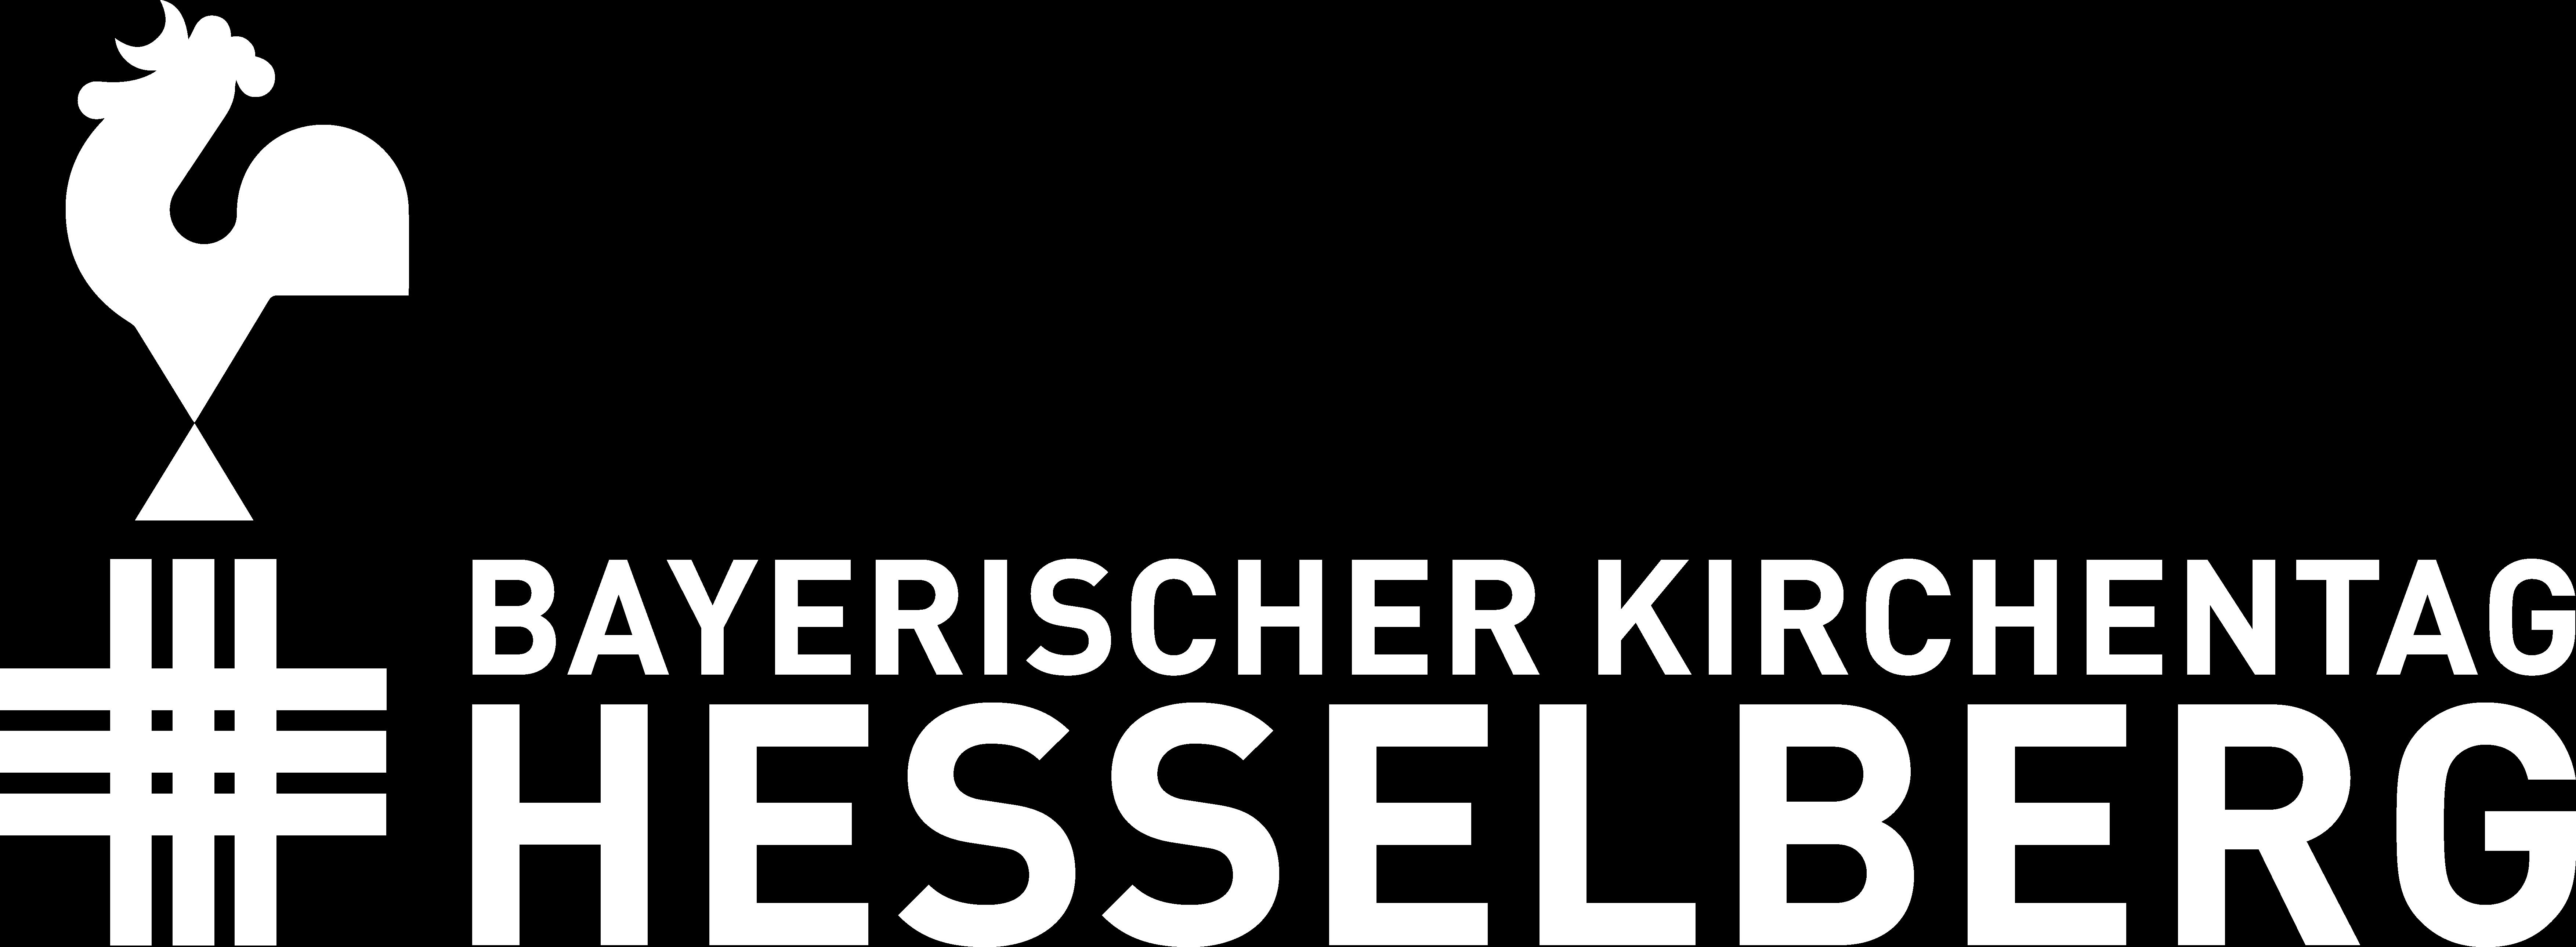 Bayerischer Kirchentag